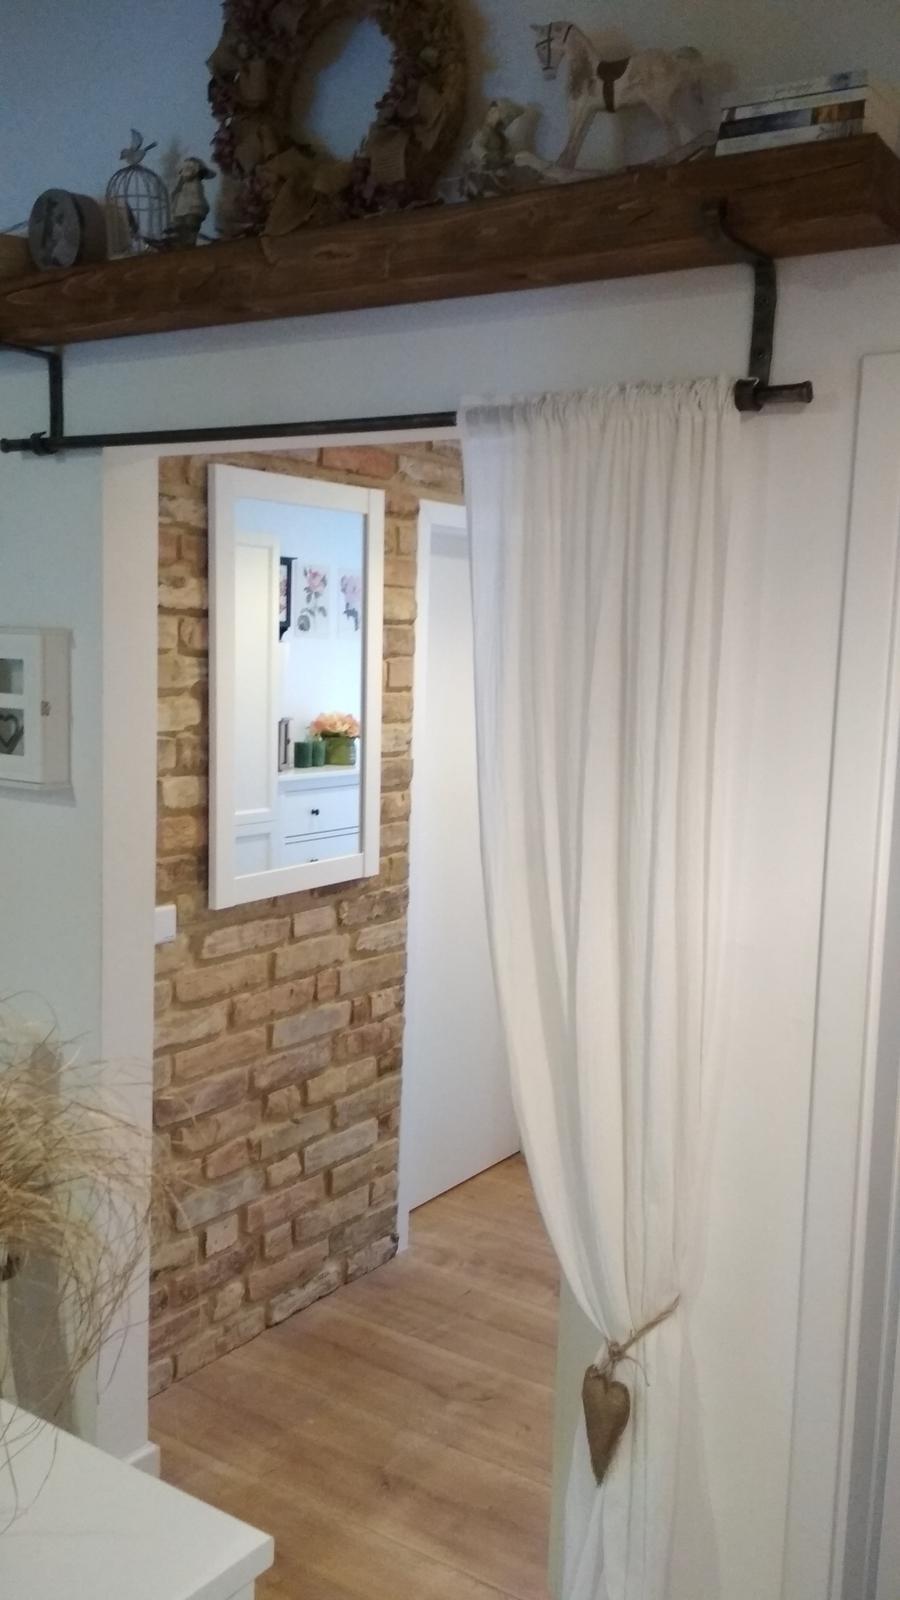 Náš domček ♡ Bramasole ♡ ... Stilo interiér aj exteriér 3. rok bývania - Obrázok č. 57